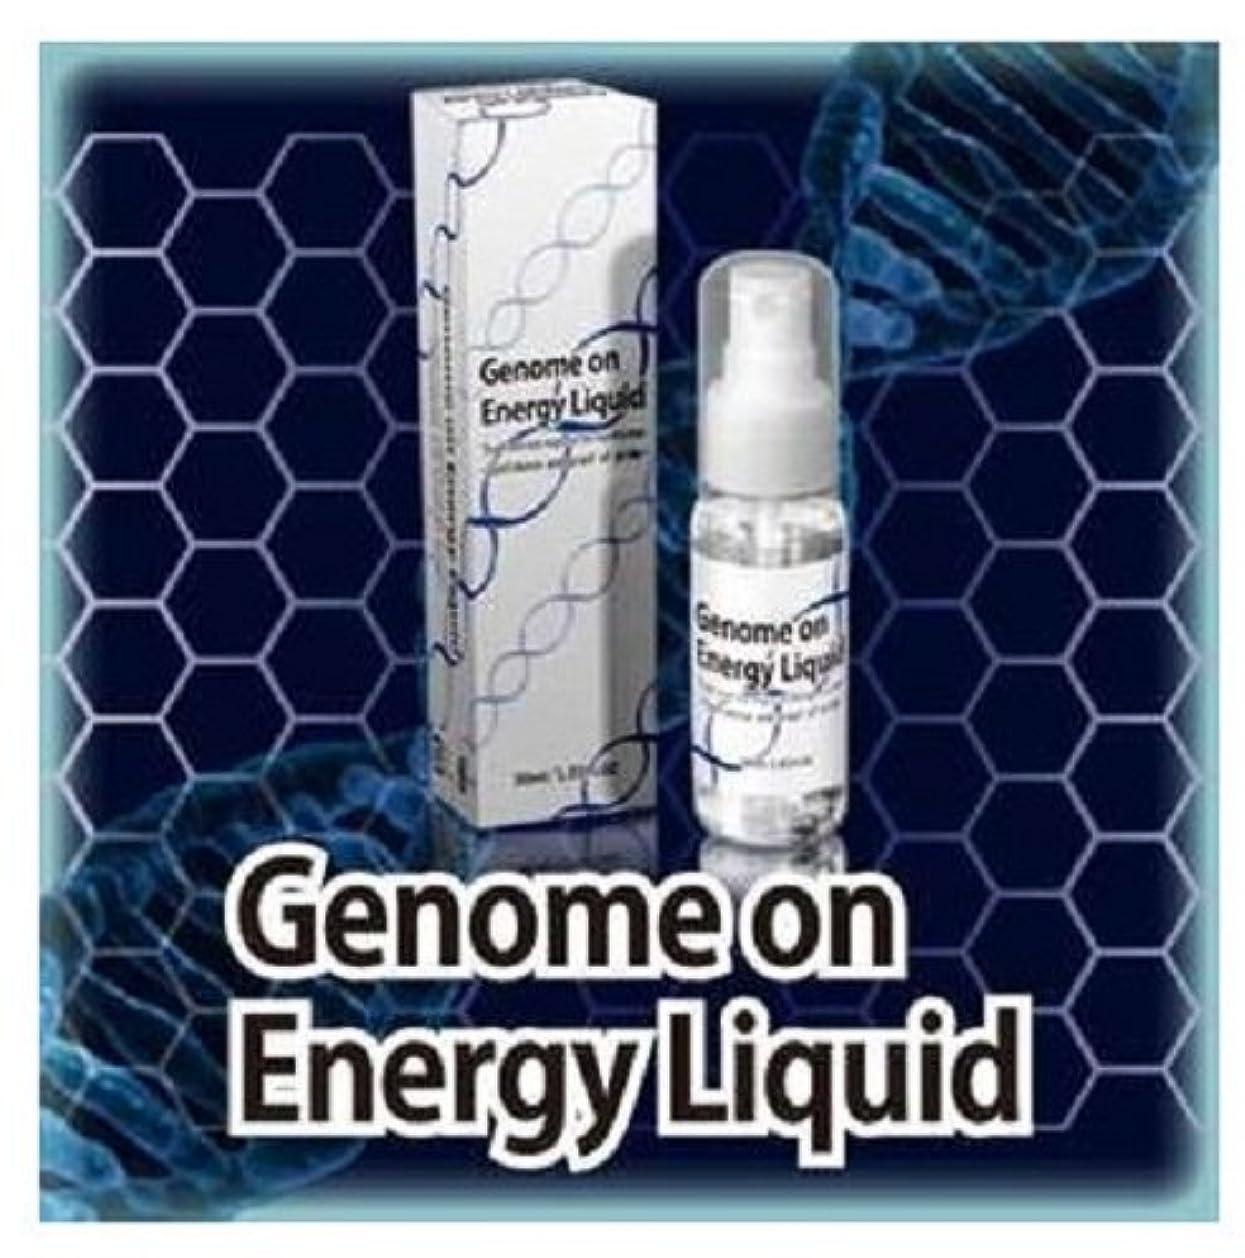 実験保存害ゲノムオンエナジーリキッド Genome on Energy Liquid